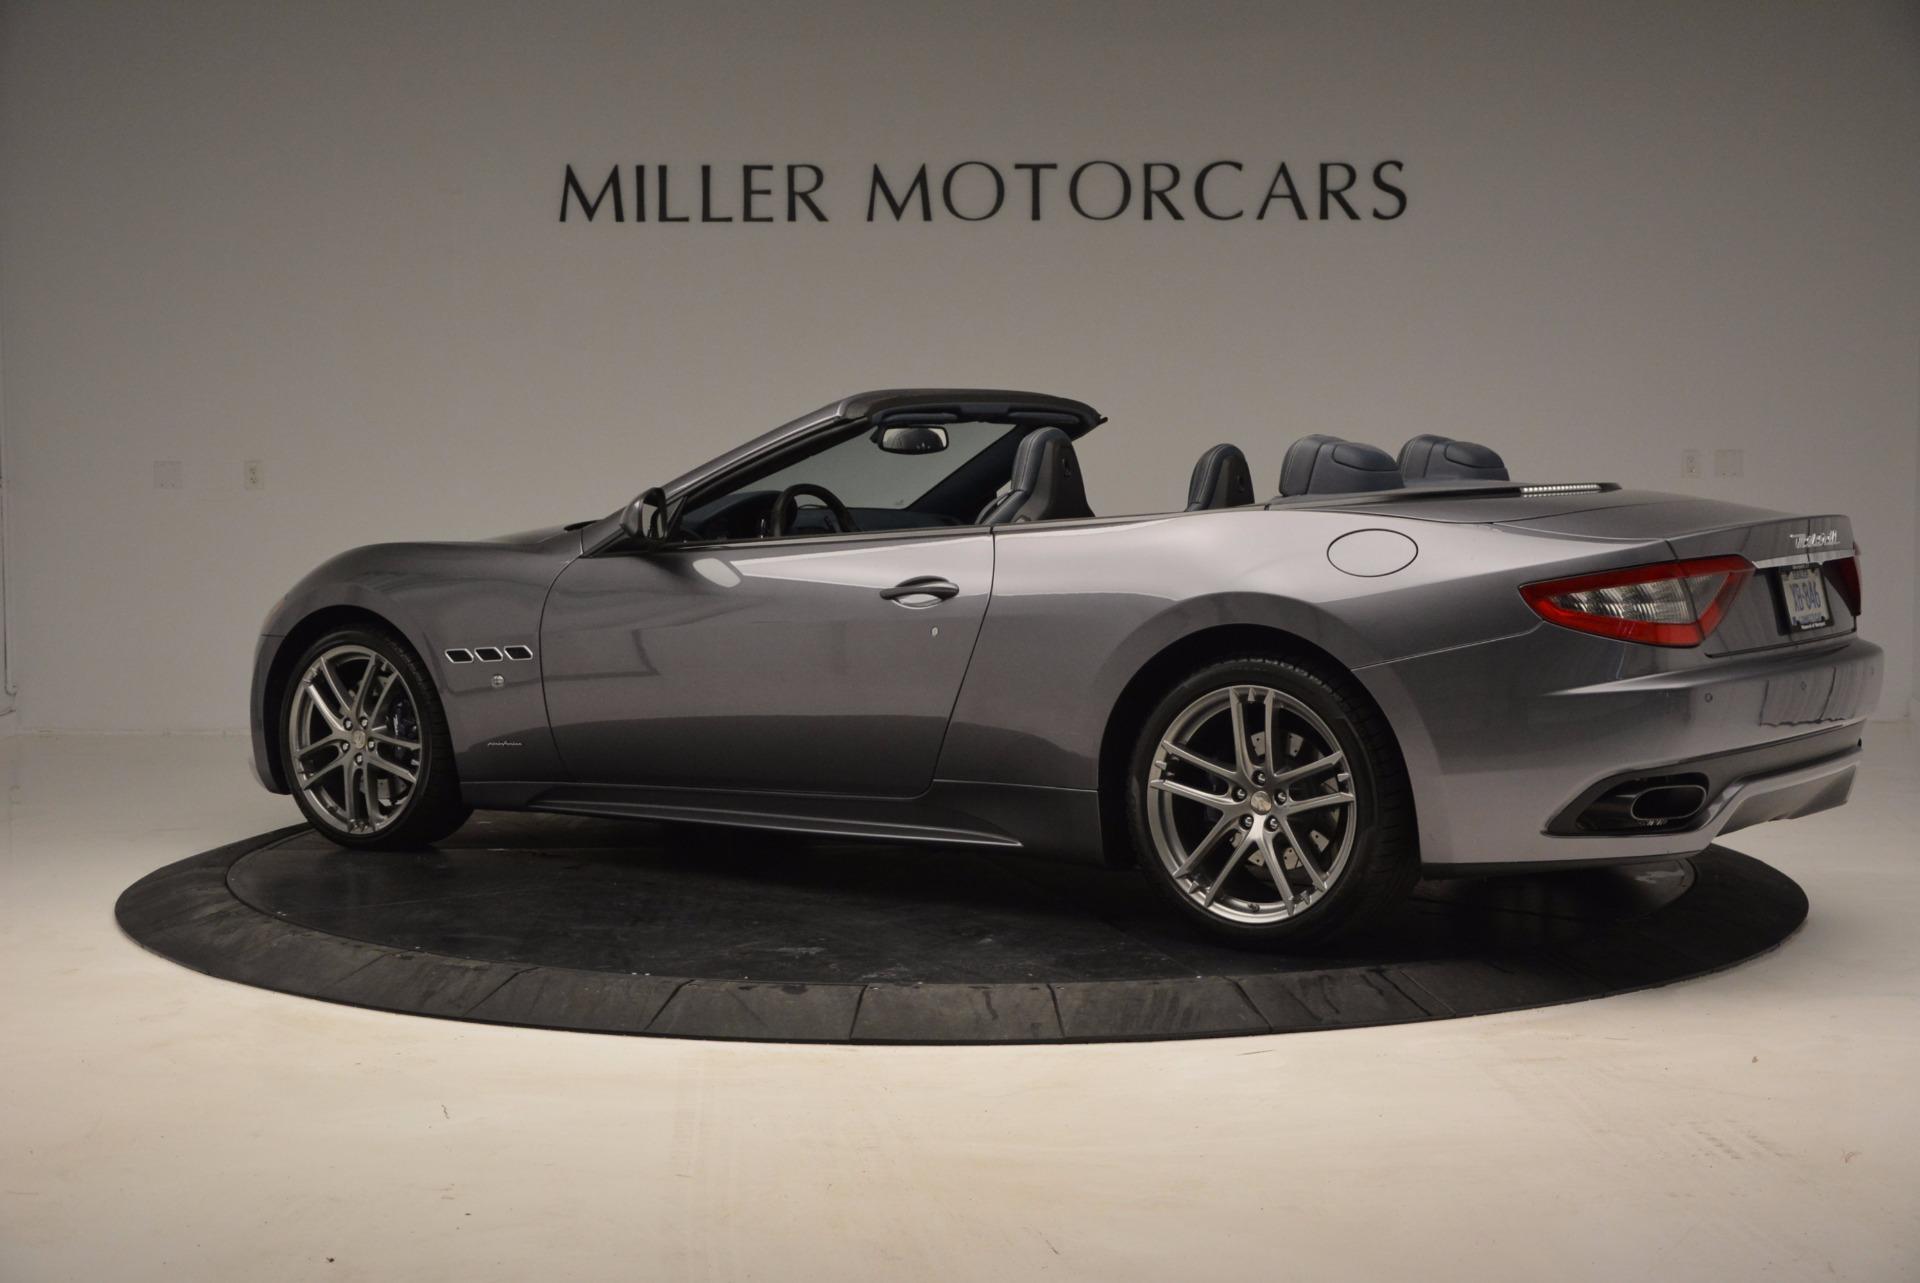 New 2017 Maserati GranTurismo Sport For Sale In Greenwich, CT 598_p3